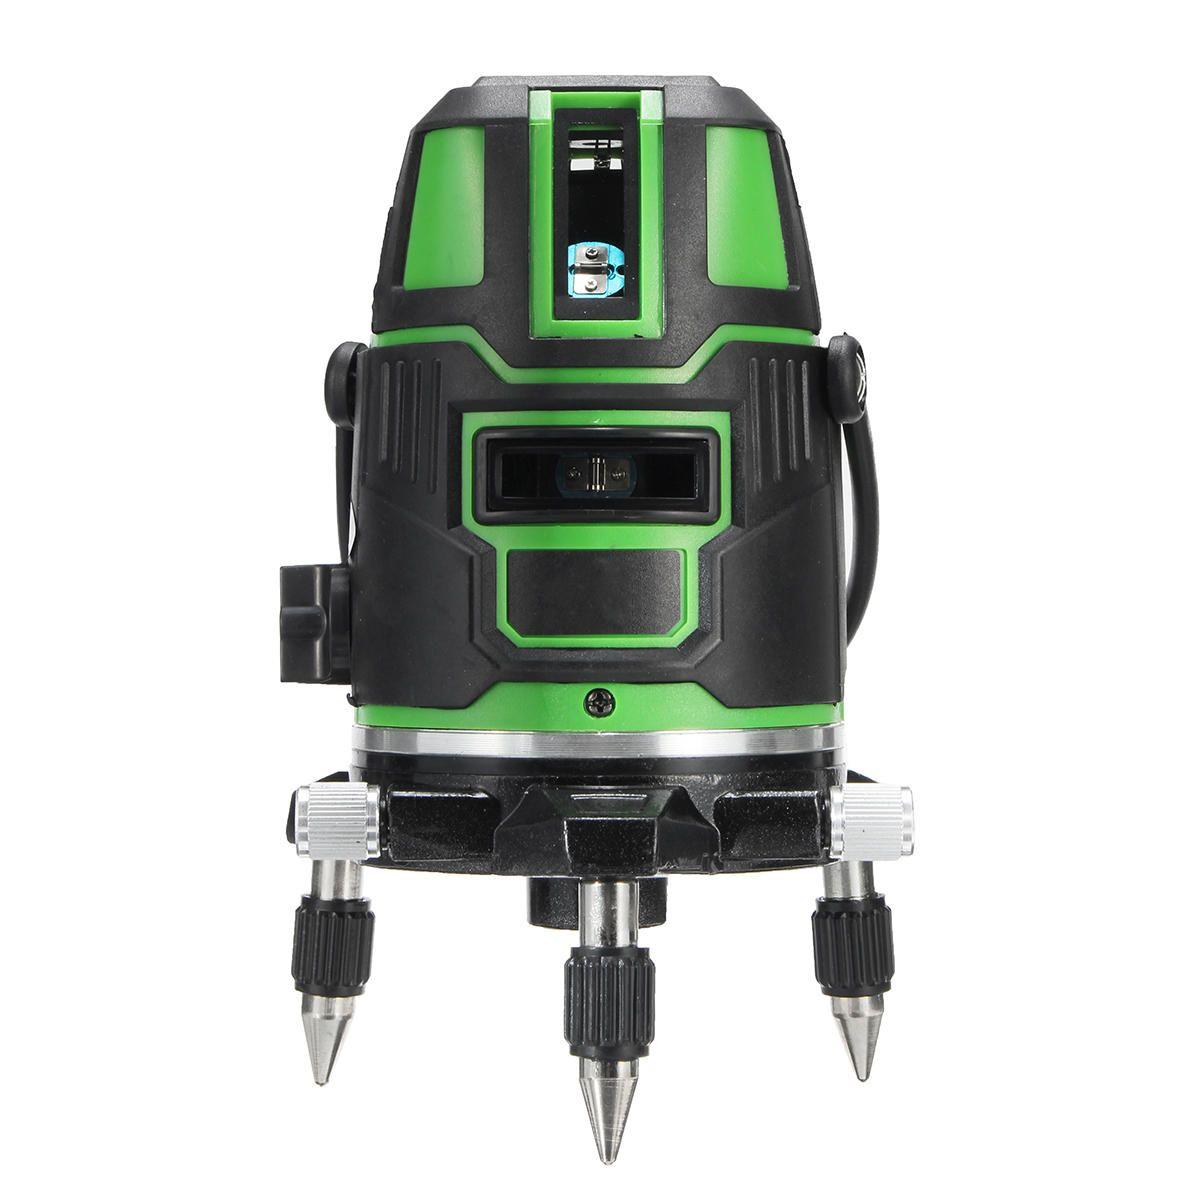 DXP US$72.73 100-240V 635nm Green Light 5 Line Laser Level 360° Rotary Laser Line